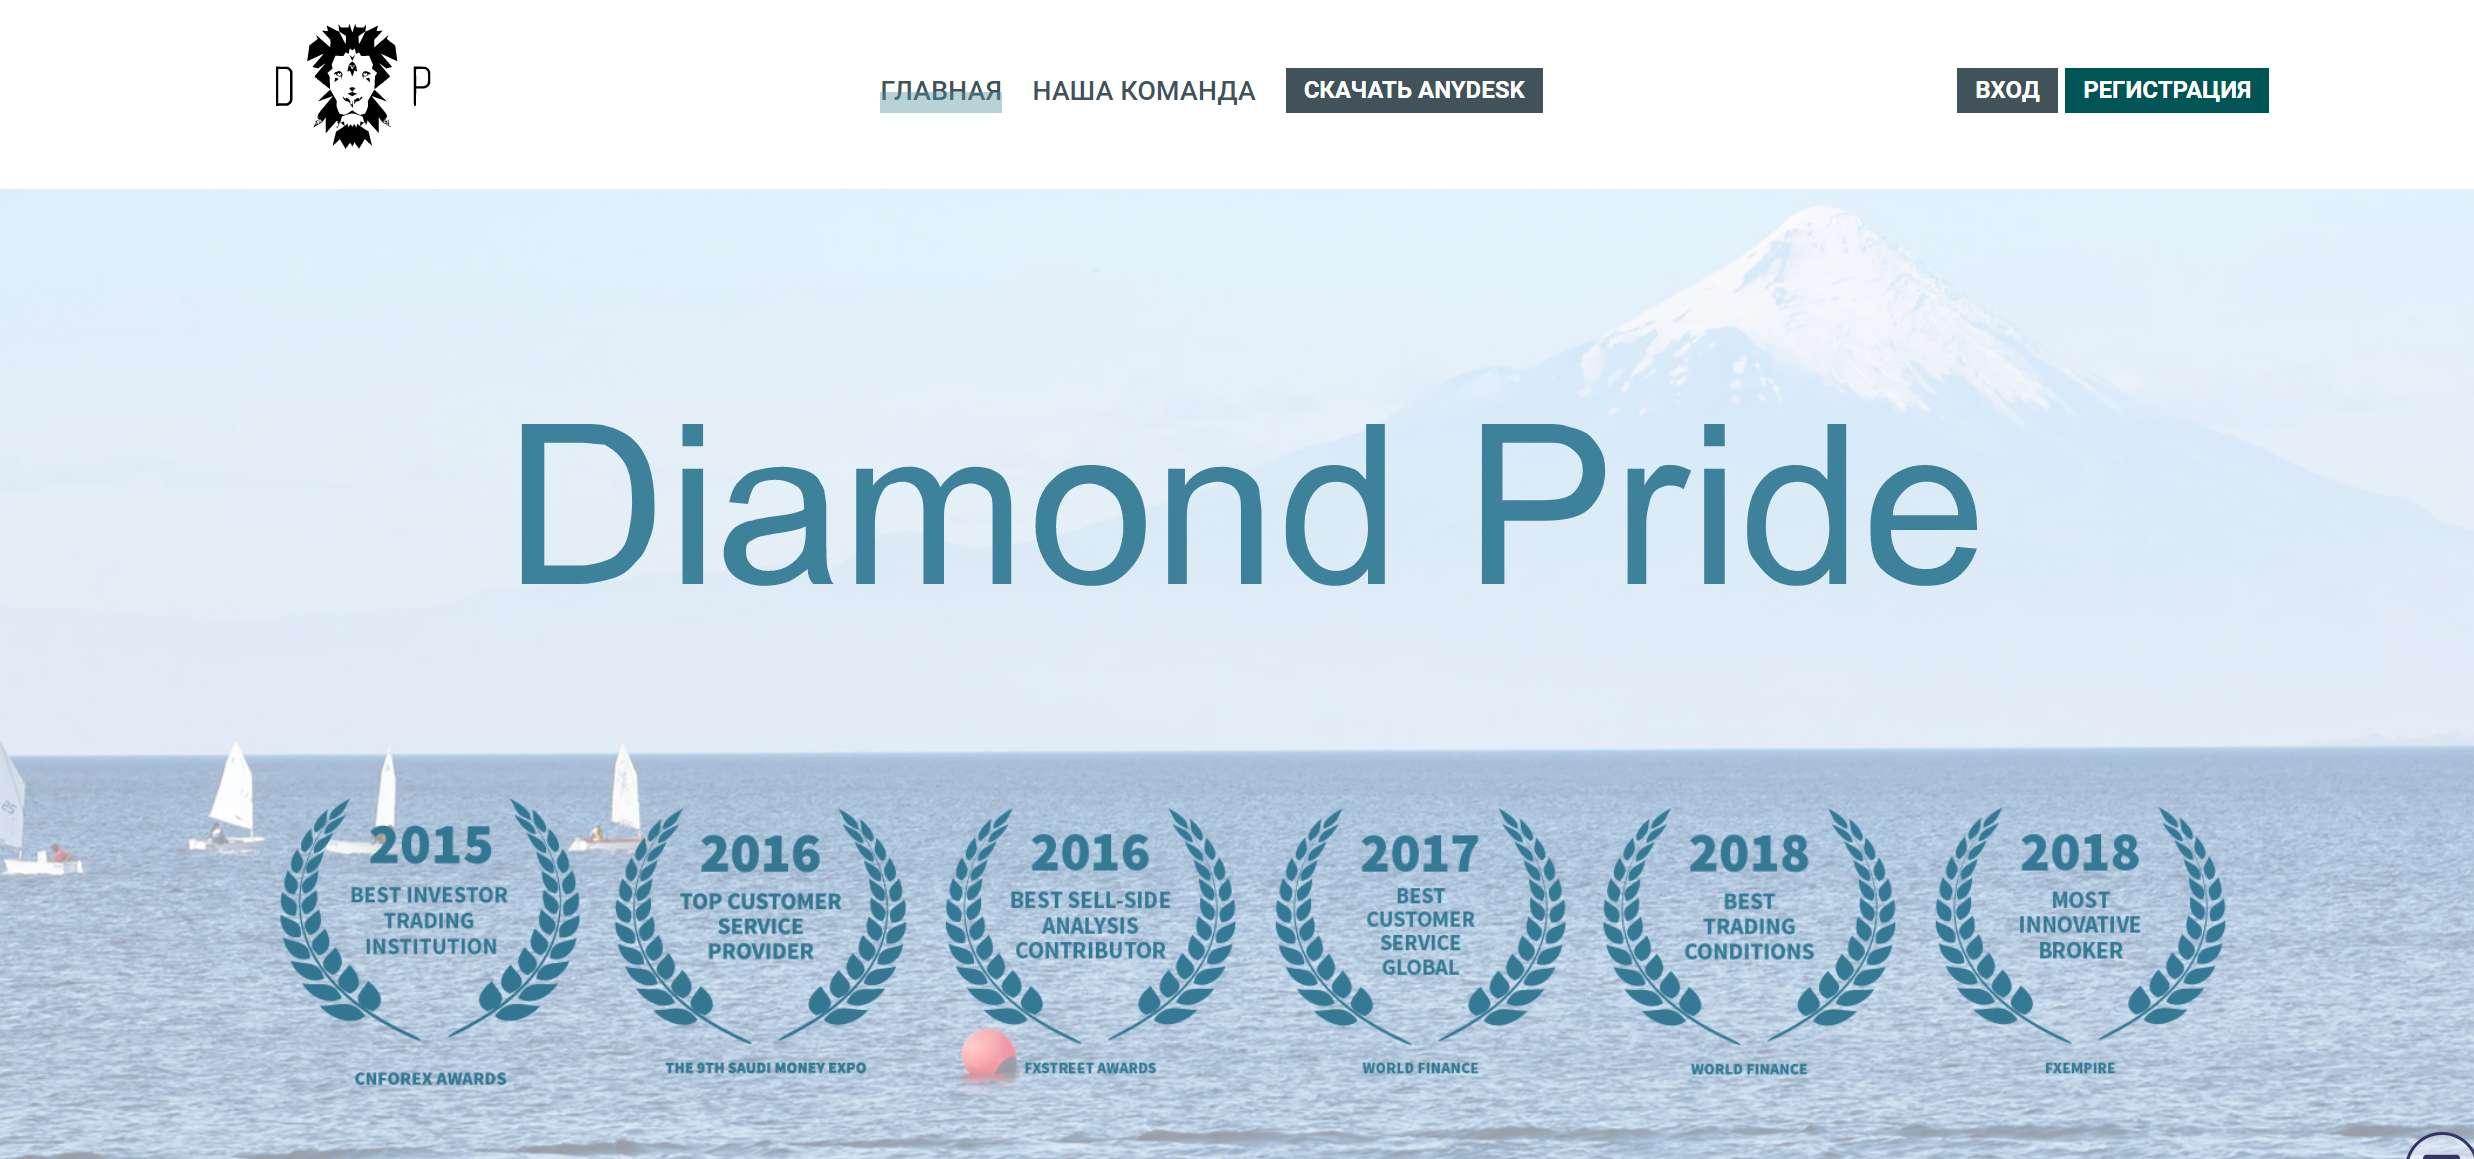 Обзор Diamond Pride. Мутный проект? советуем проходить мимо лохотрона.